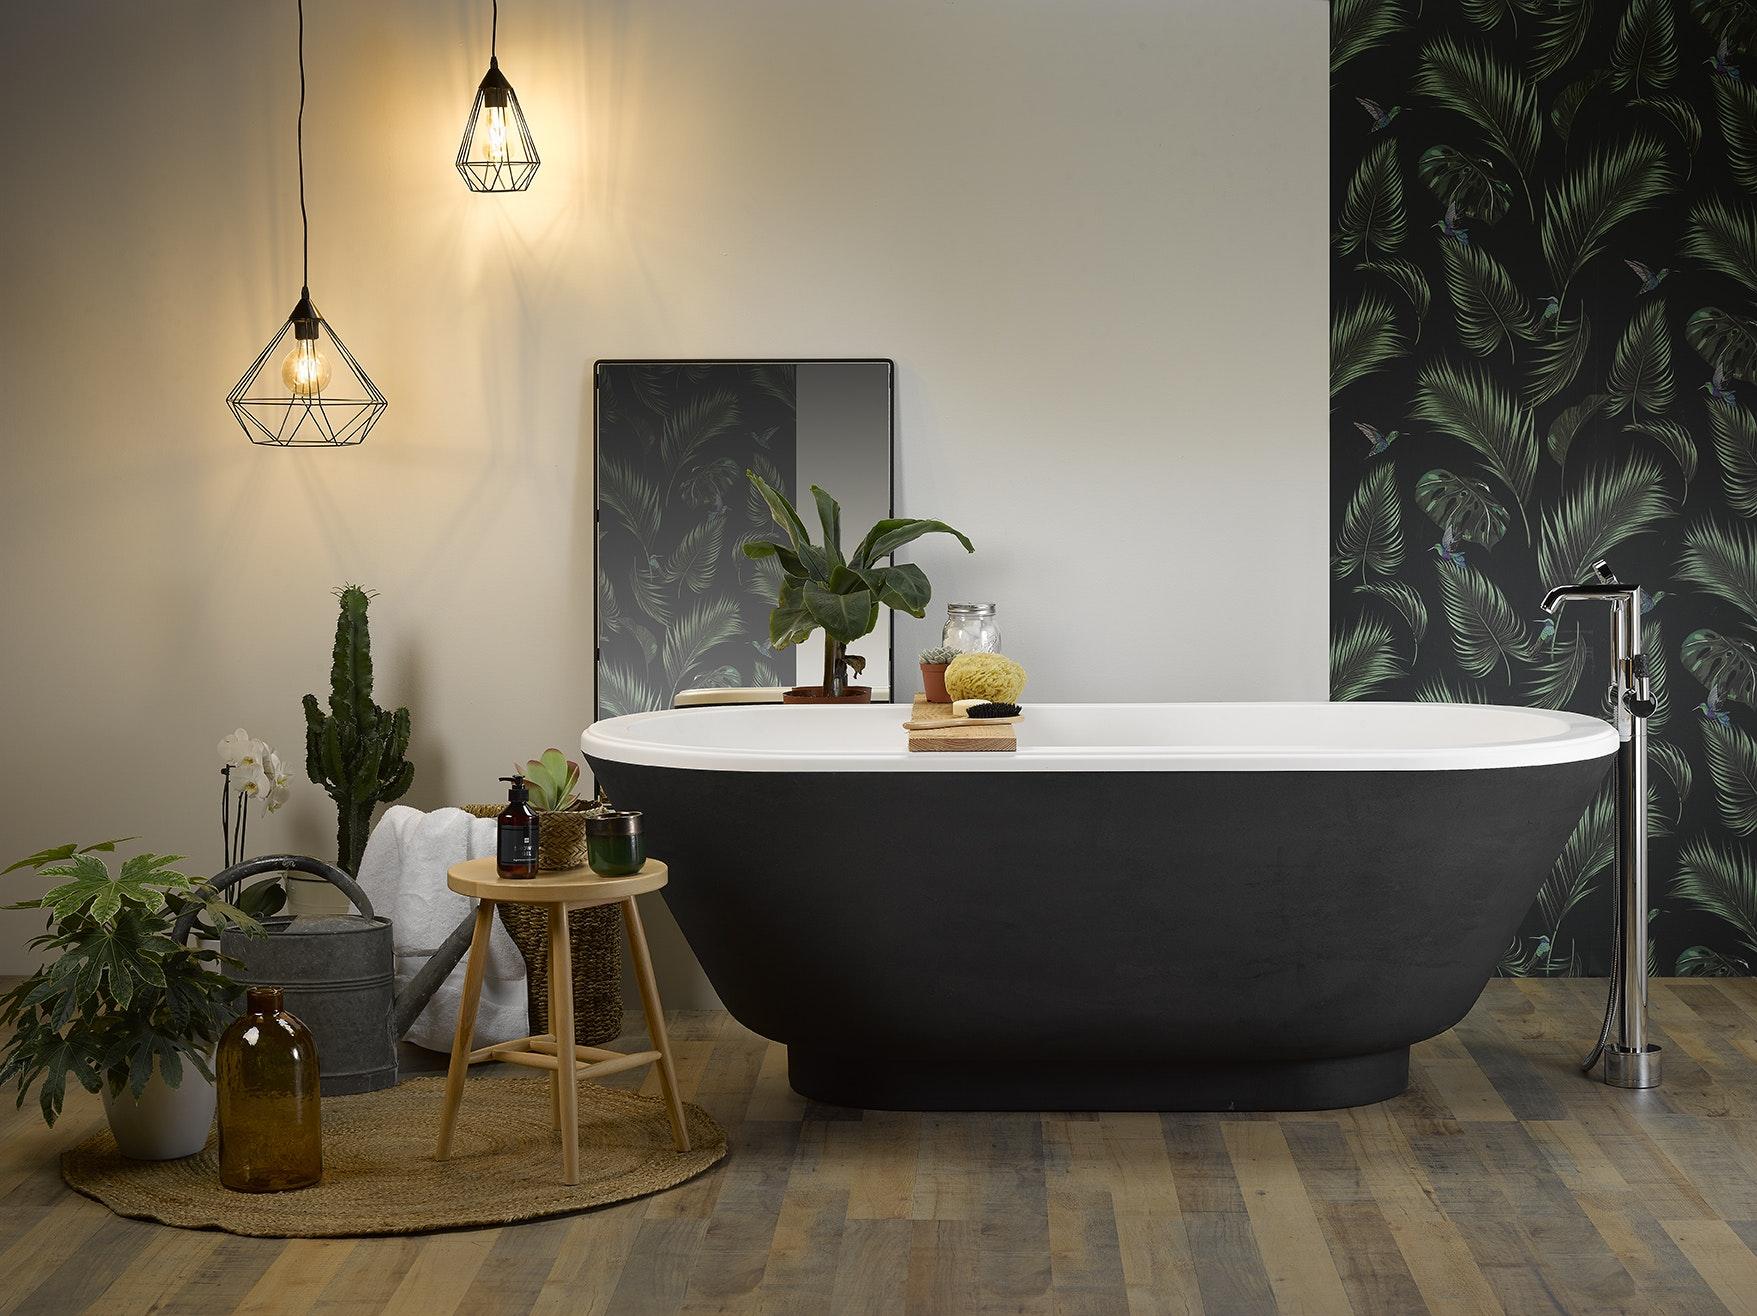 coll-baignoire-clara-terracotta-3